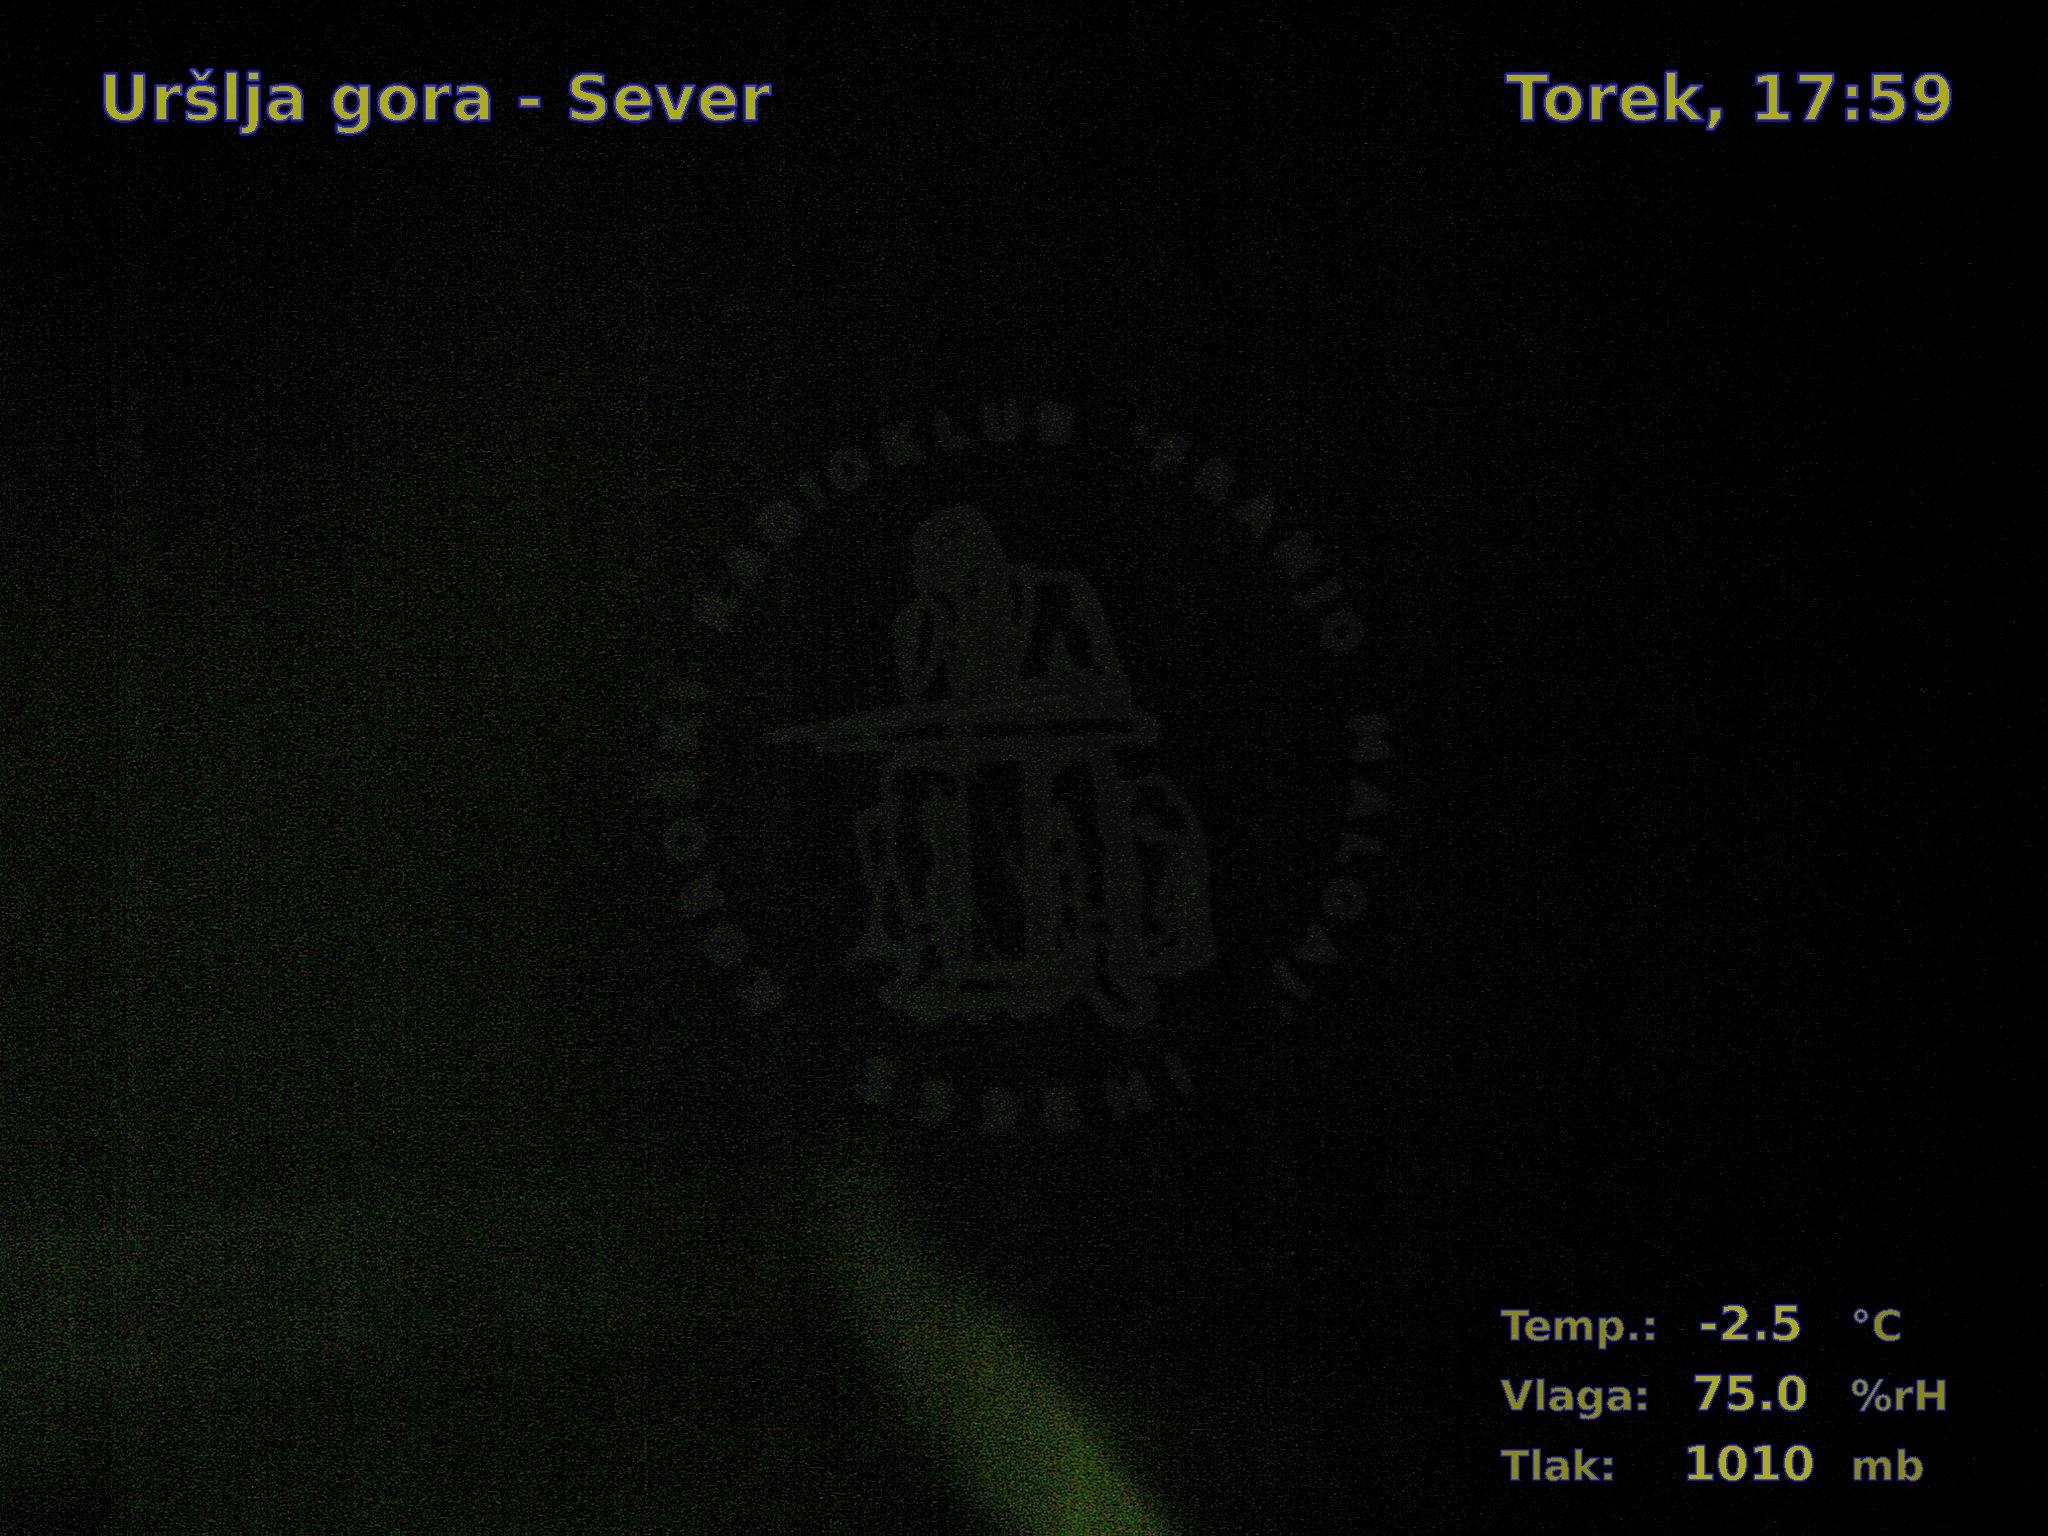 Uršlja gora-Sever, 17:00